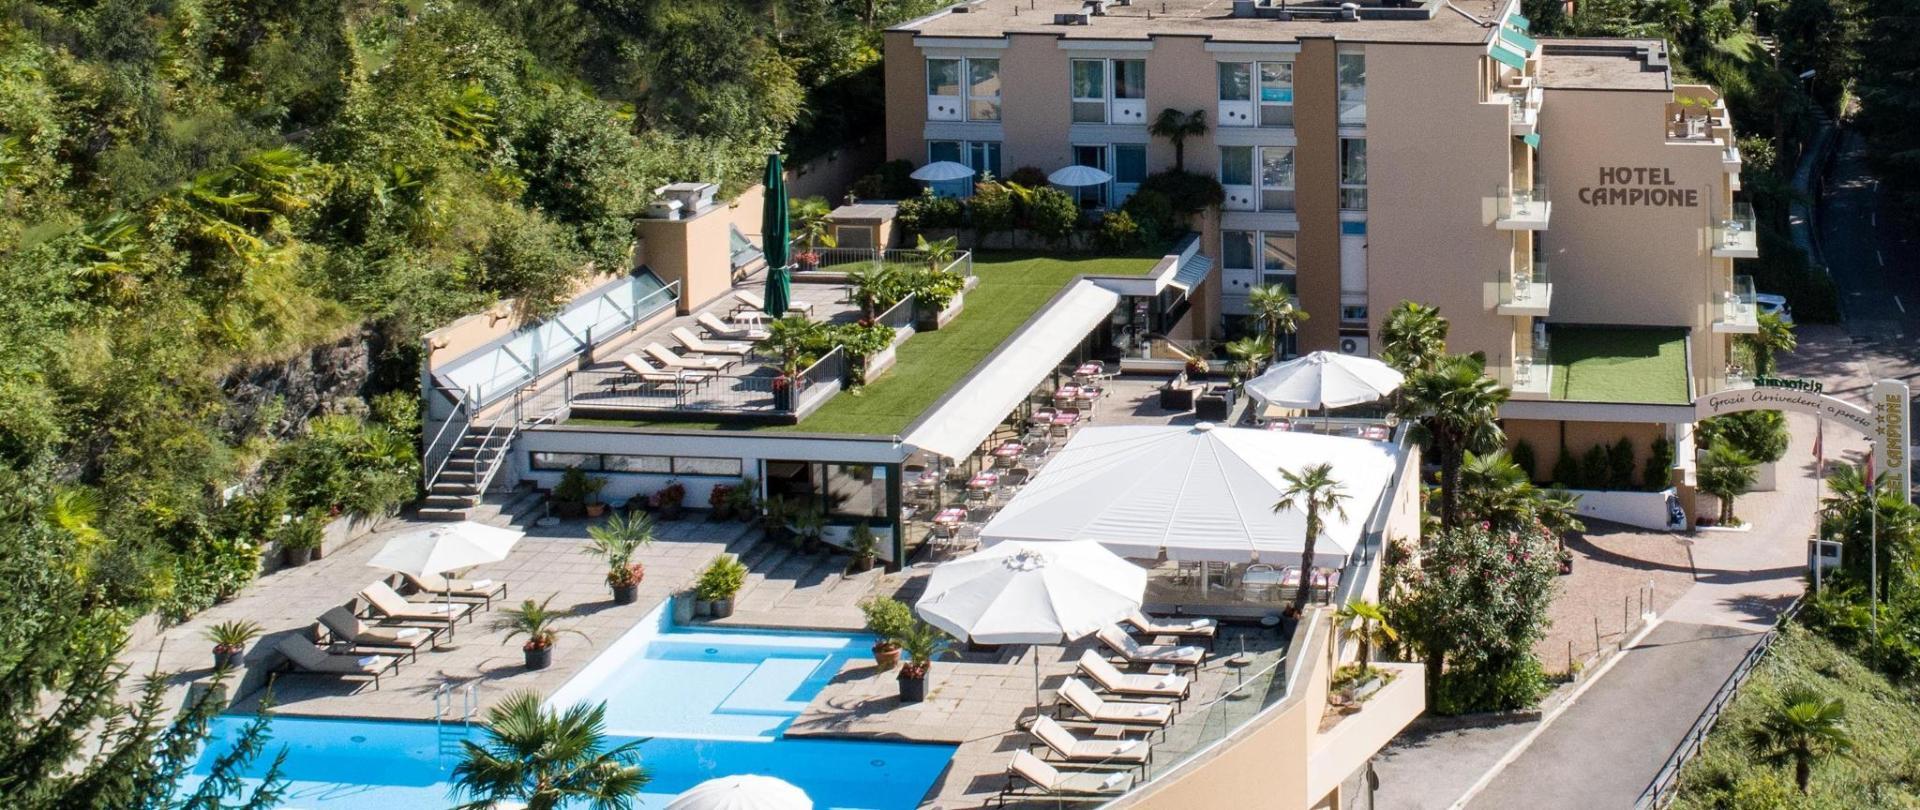 Hotel Campione laterale nuova1.jpg